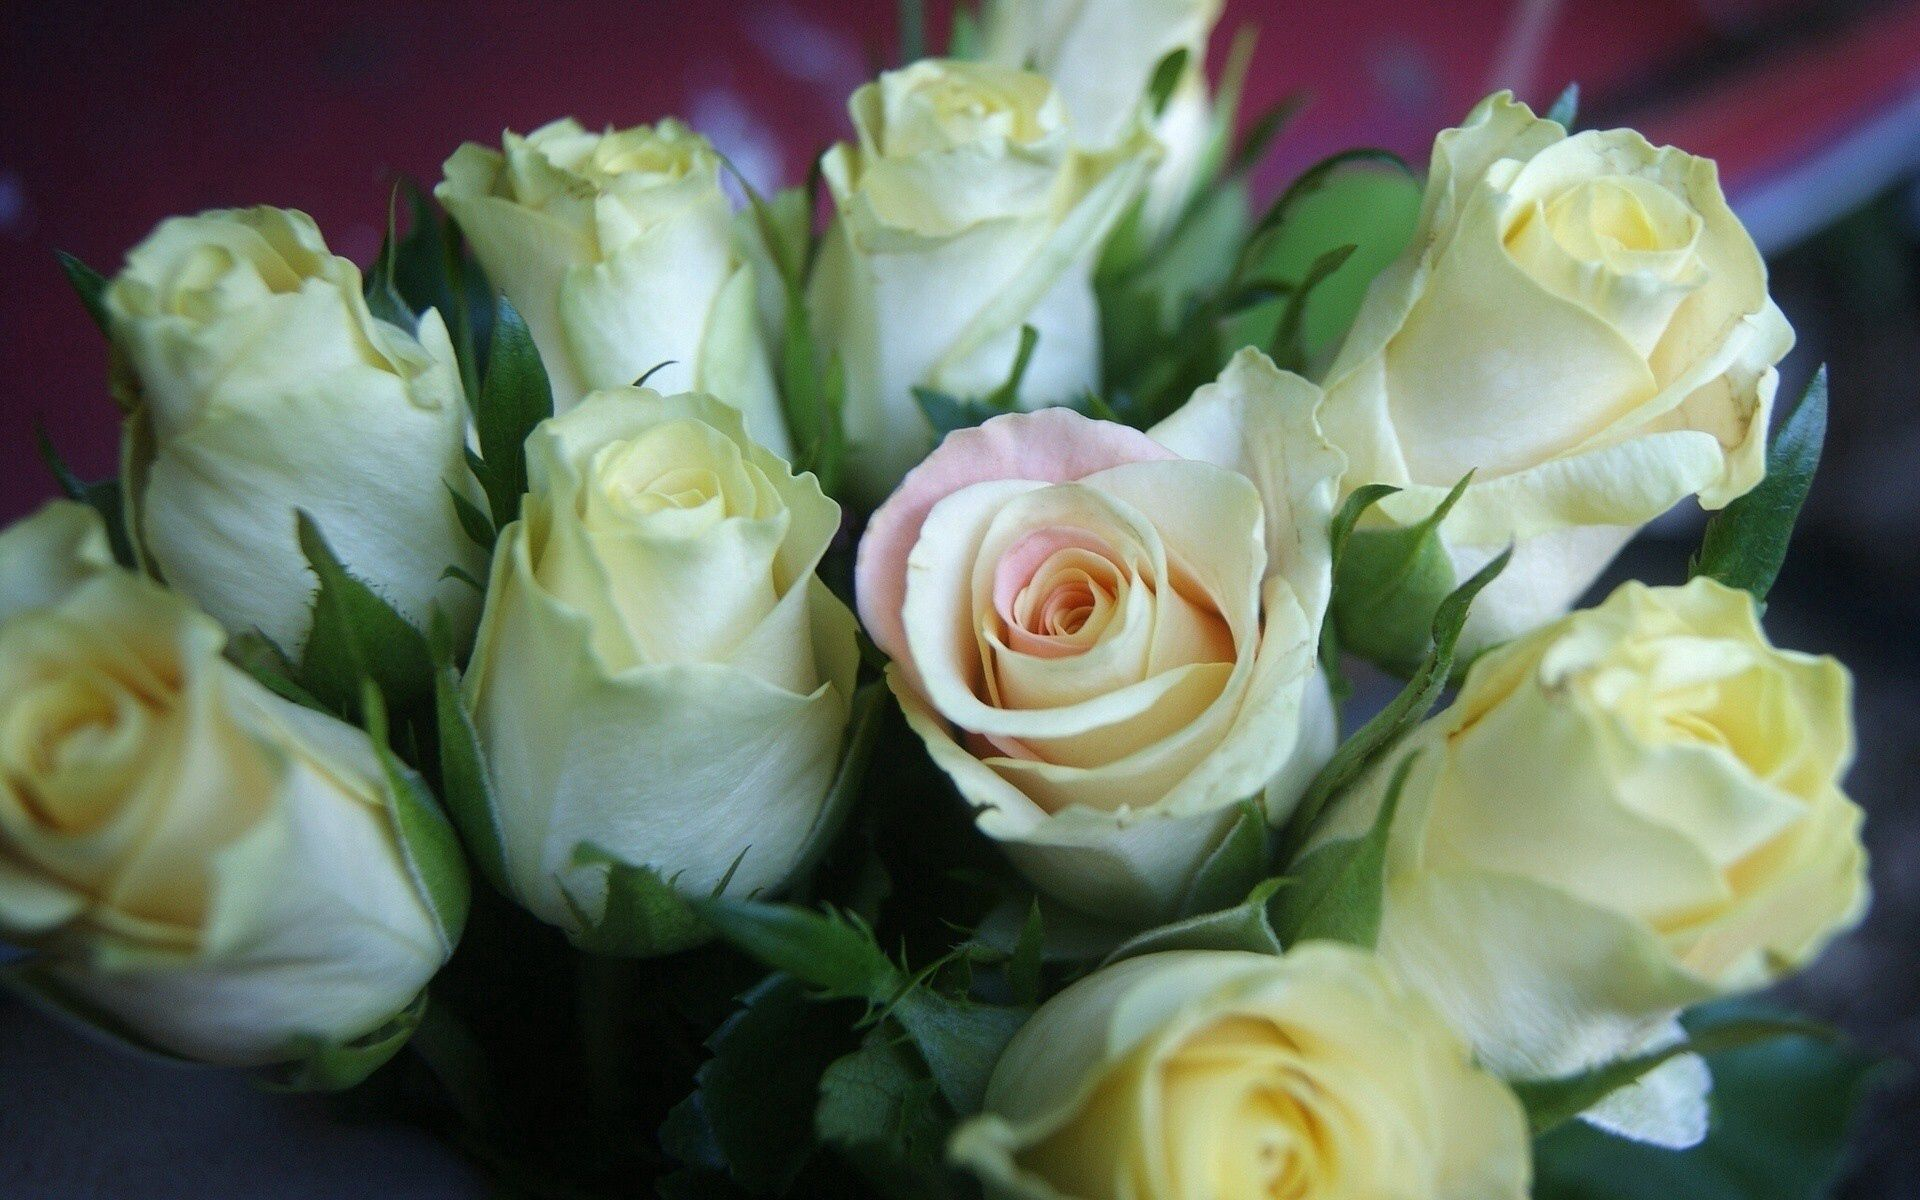 110597 скачать обои Розы, Цветы, Букет, Бутоны - заставки и картинки бесплатно